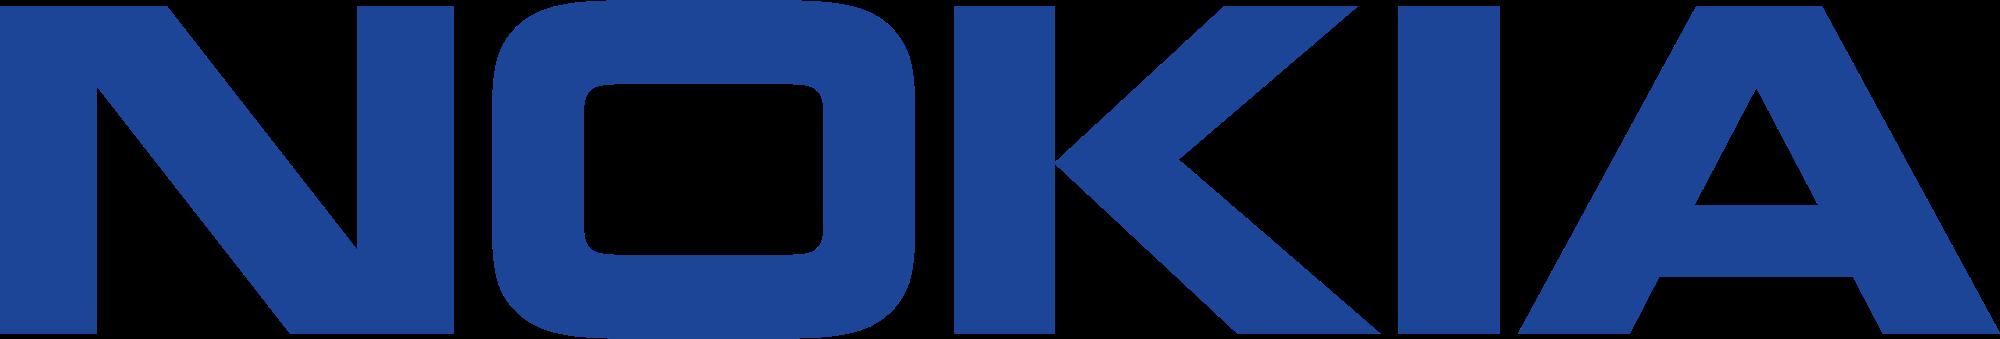 Nokia logotype